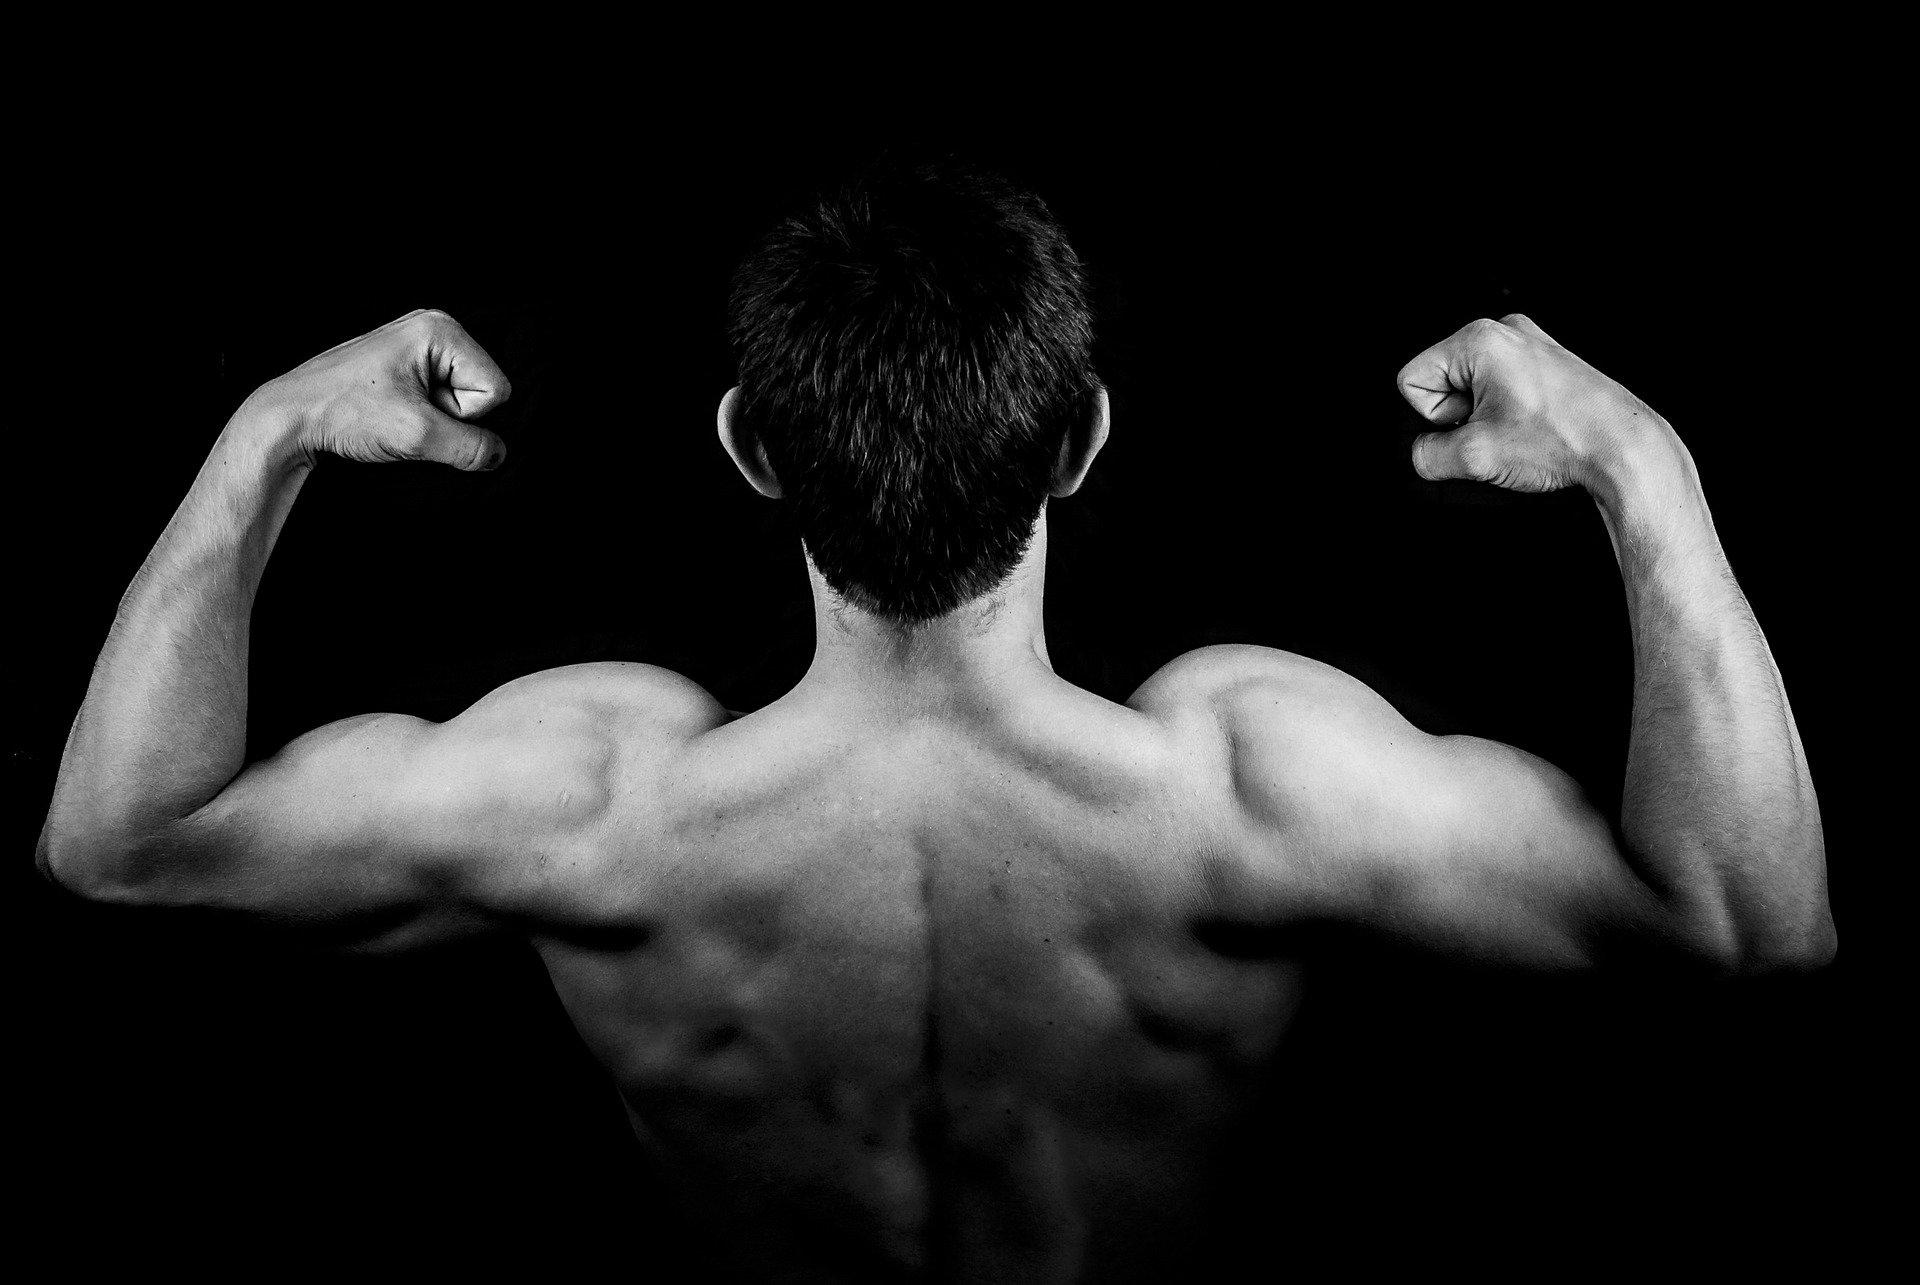 Quelle partie du corps travaille le rameur ?